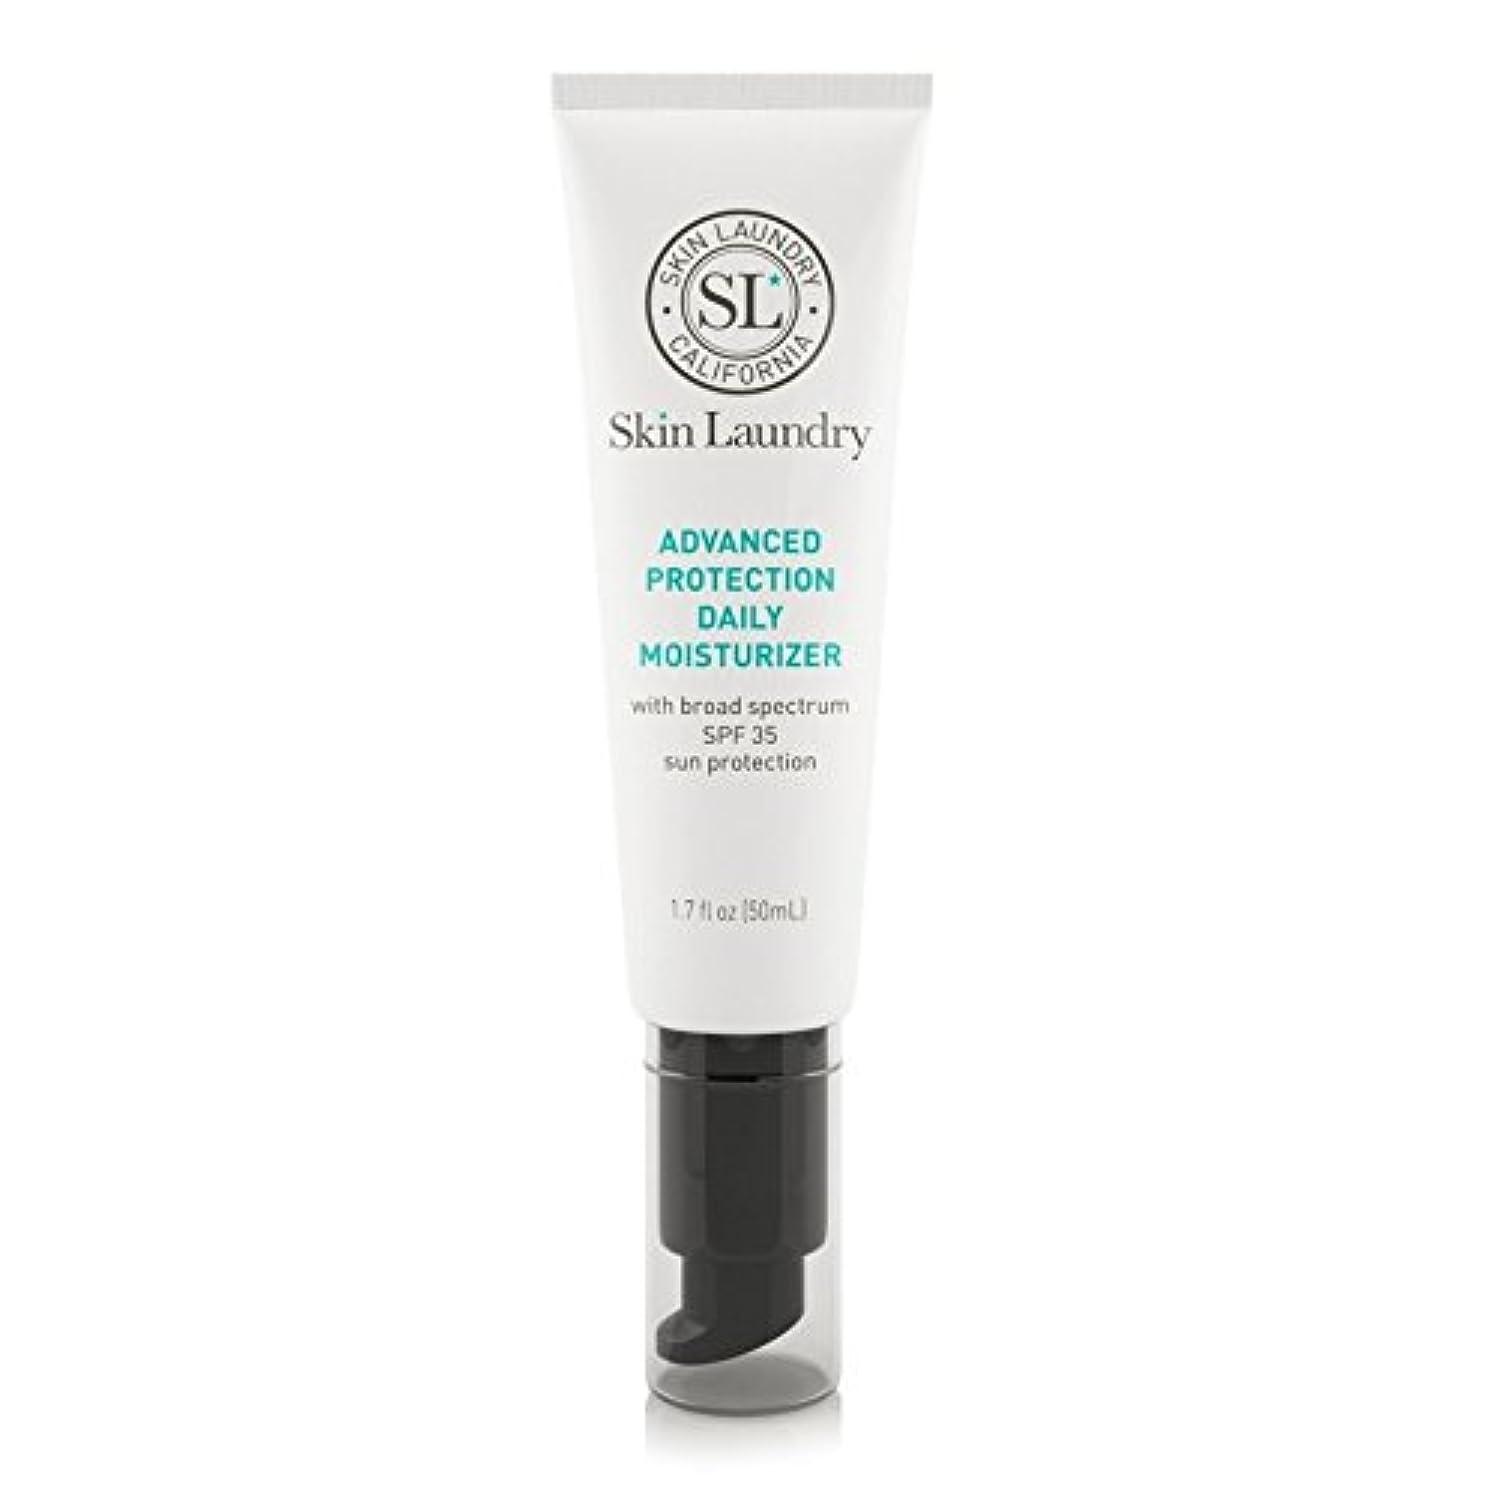 にんじん不毛のパンフレット皮膚の洗濯高度な保護毎日保湿50ミリリットル x2 - Skin Laundry Advanced Protection Daily Moisturiser 50ml (Pack of 2) [並行輸入品]